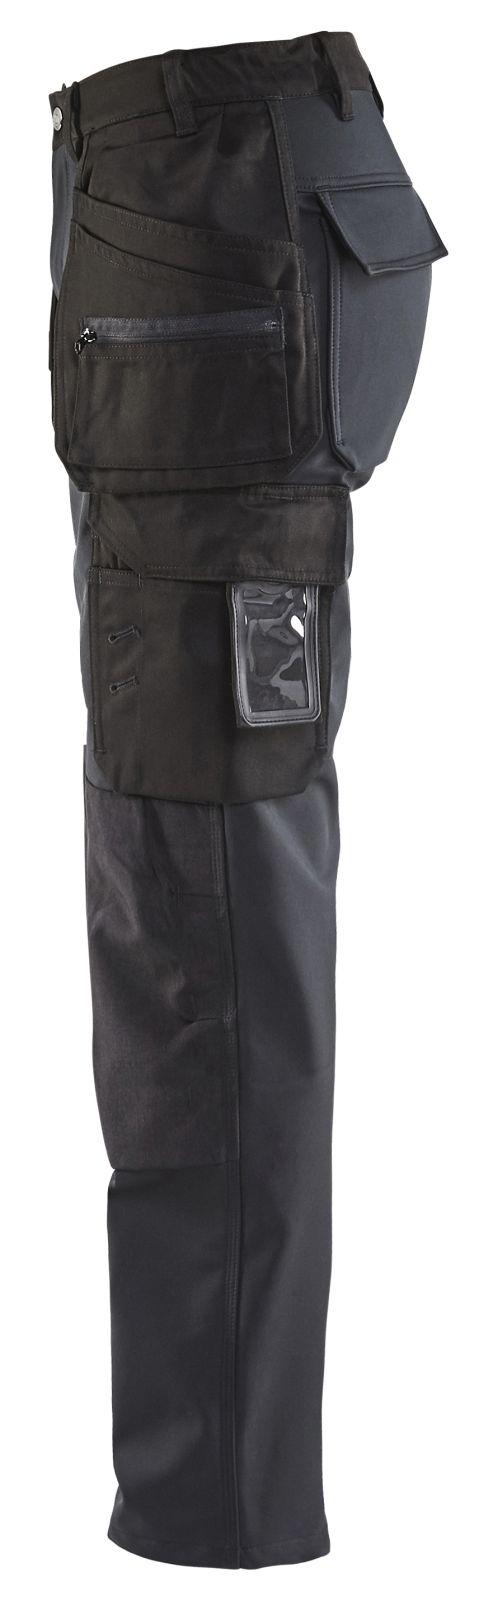 Blaklader Dames softshell werkbroeken 71682517 zwart(9900)